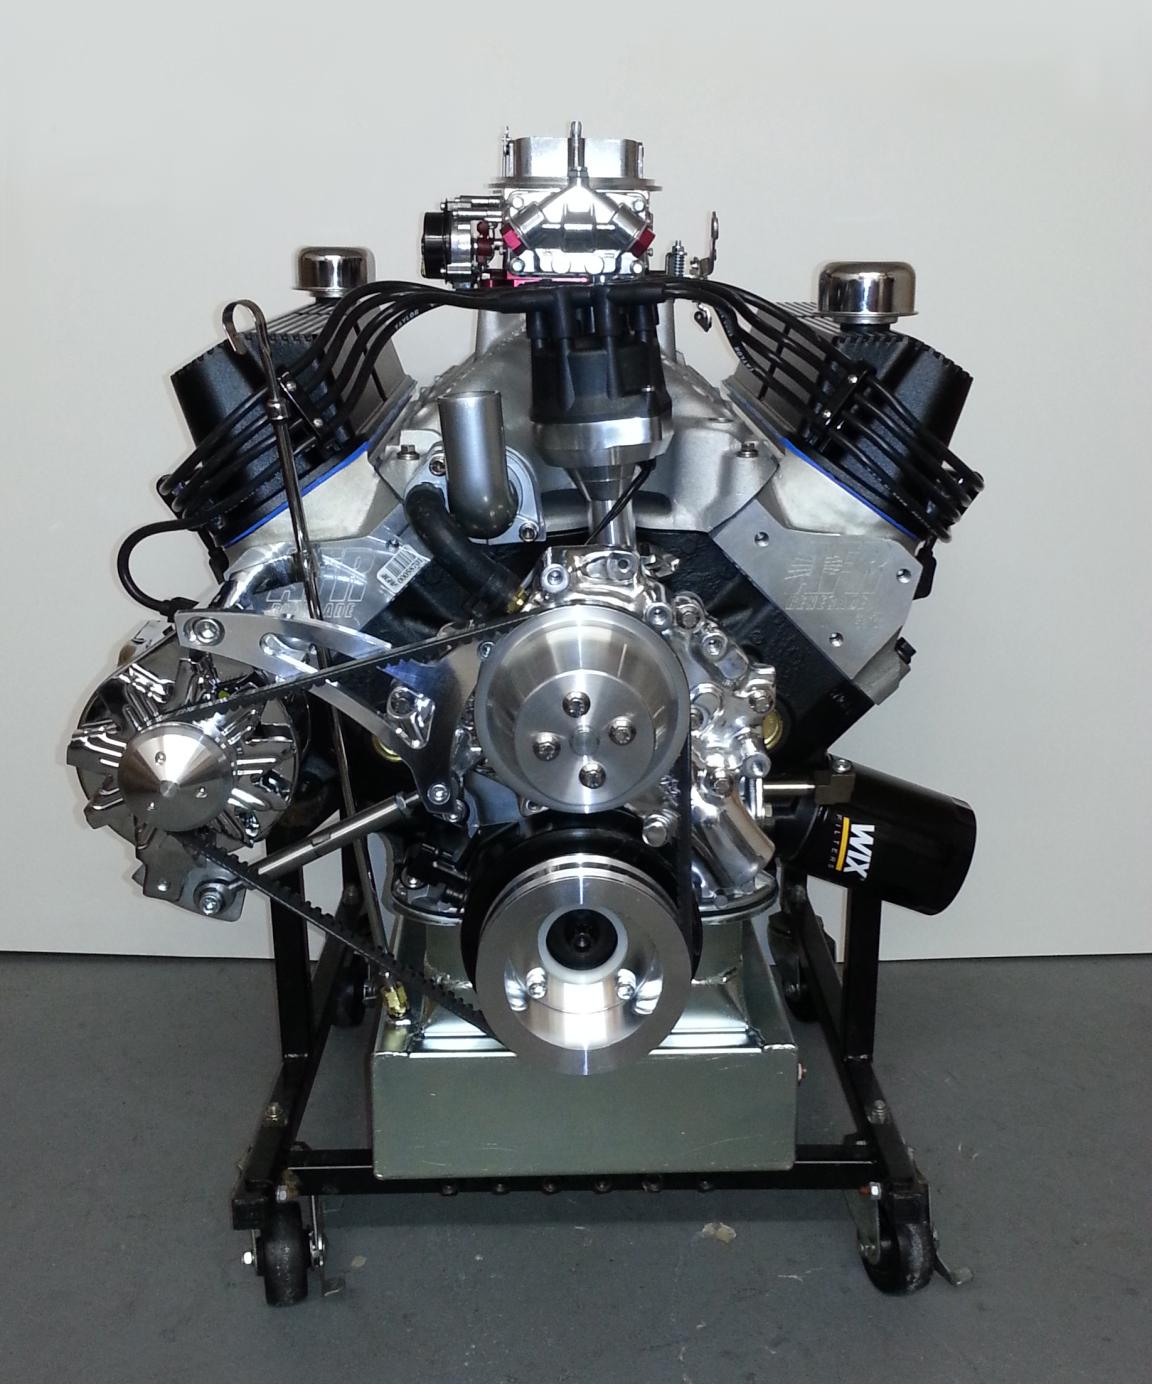 Speed Logics LLC — SBF 427 620HP Turn-Key